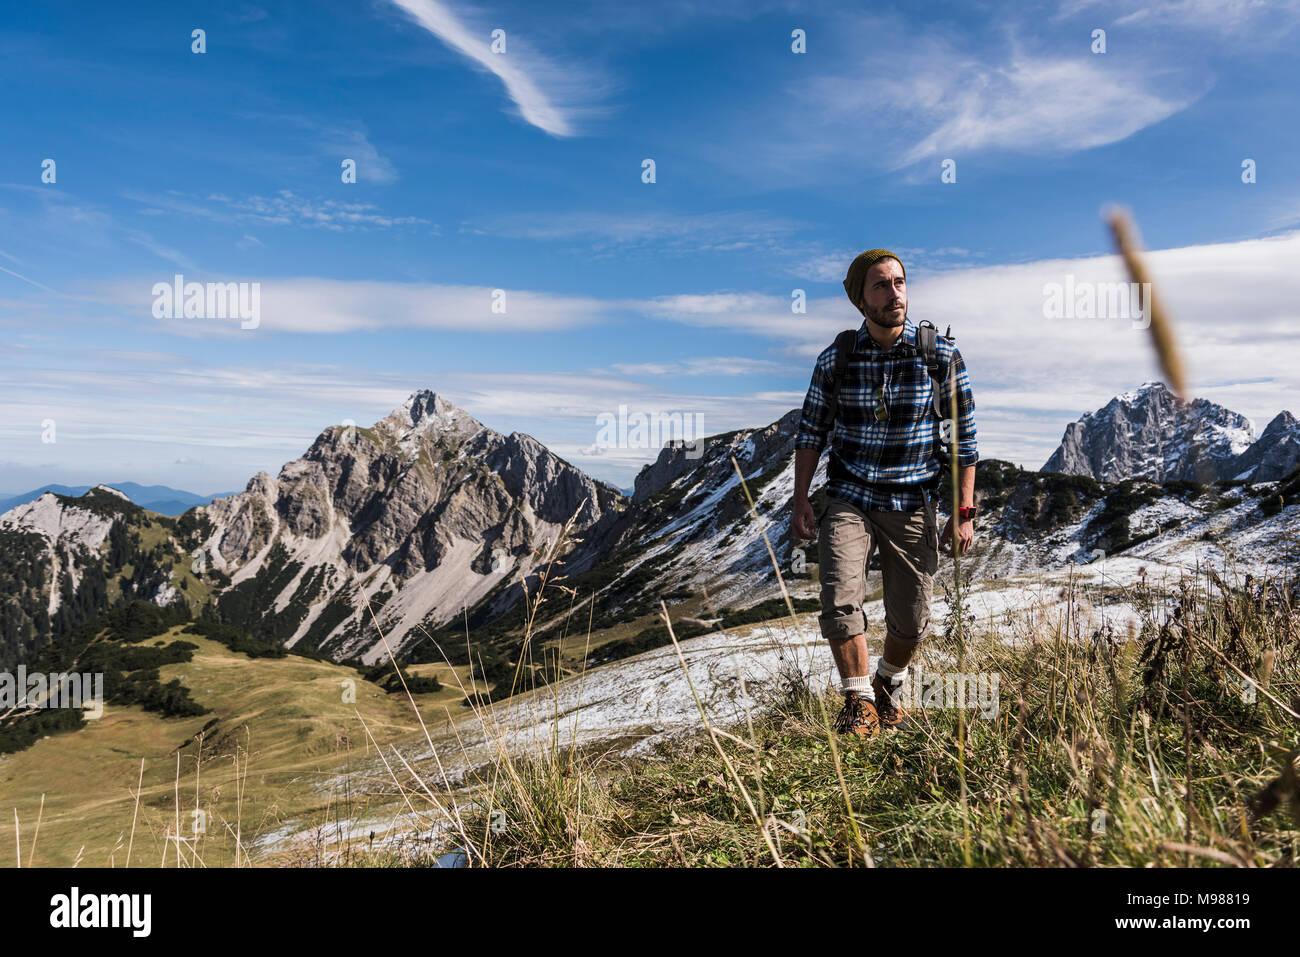 Autriche, Tyrol, jeune homme randonnée en montagne Photo Stock